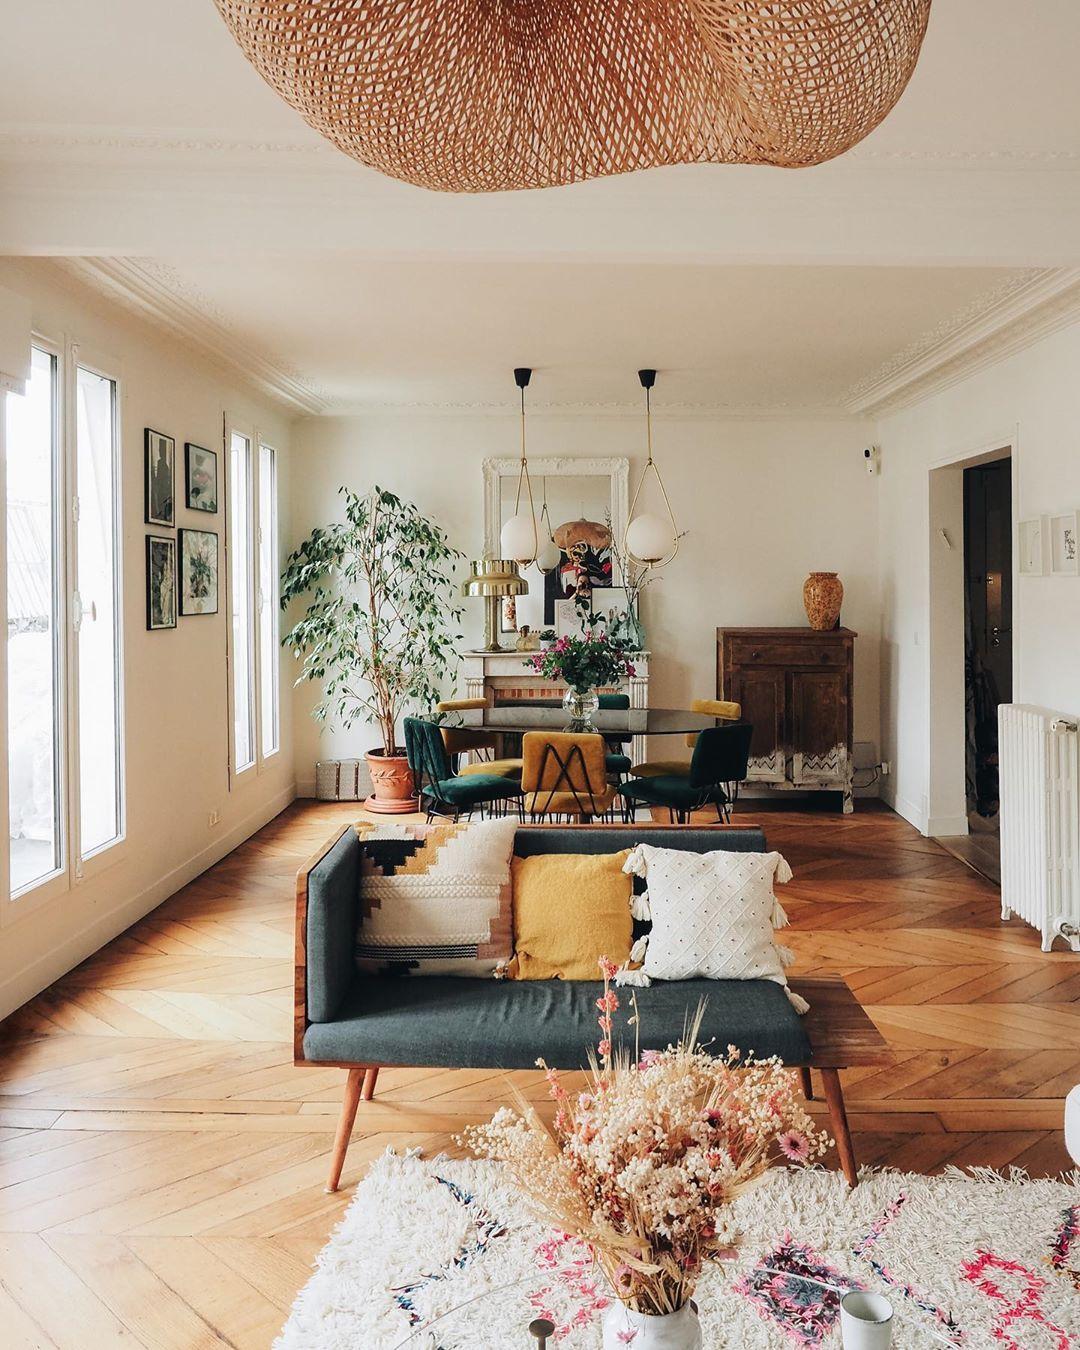 Erspective Salon Salle A Manger Vintage Colors Decoration Interieur Appartement Paris Liliinwonderland Banquet En 2020 Decoration Banquette Salle A Manger